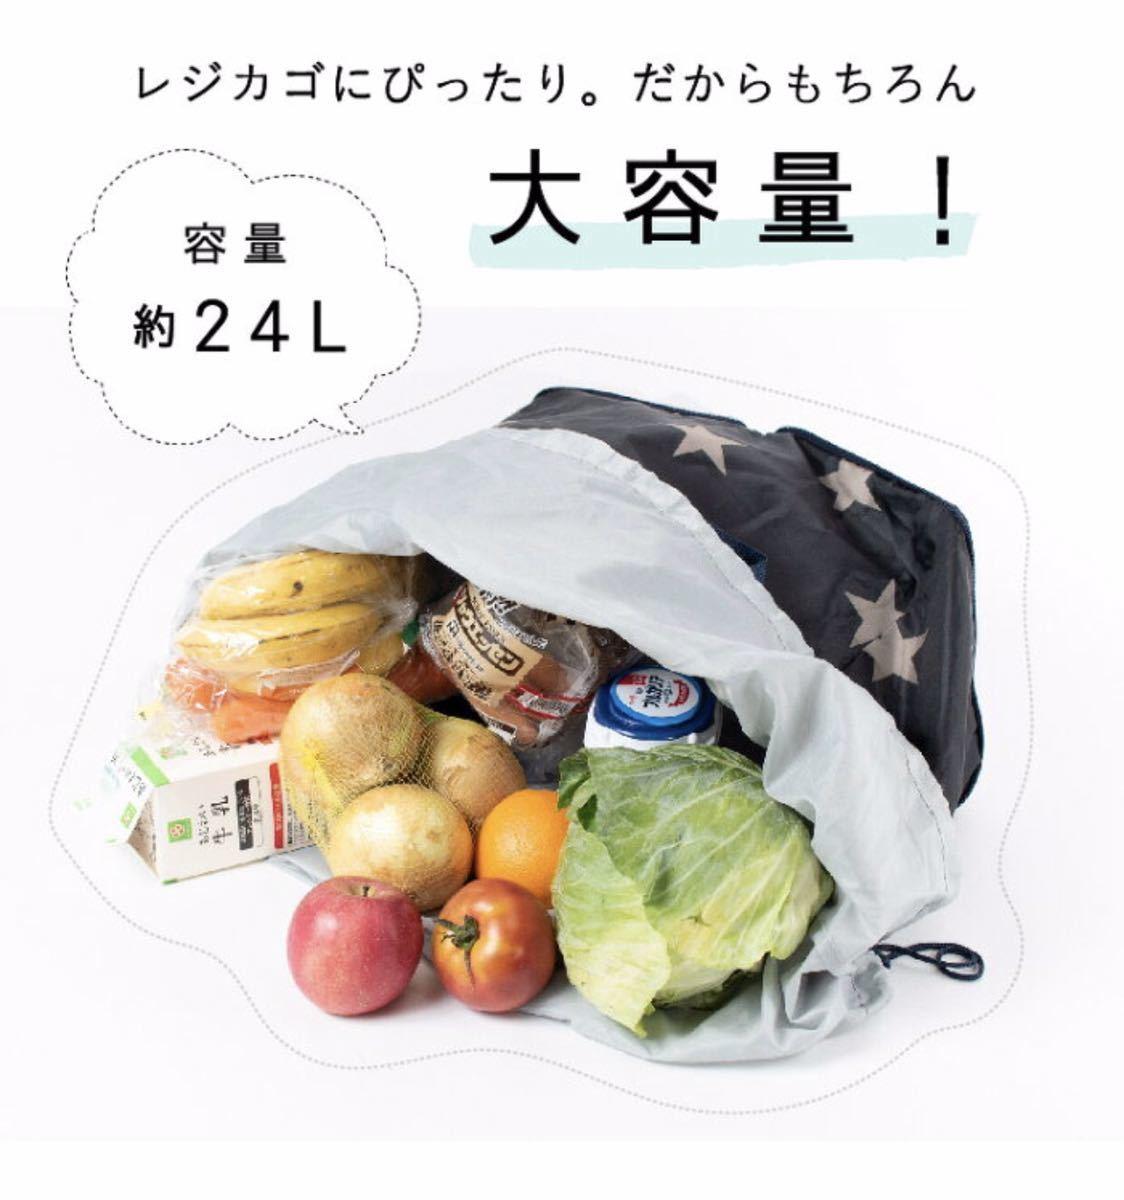 保冷保温機能付きレジカゴバッグ 大容量折りたたみエコマイバッグ 値下げ